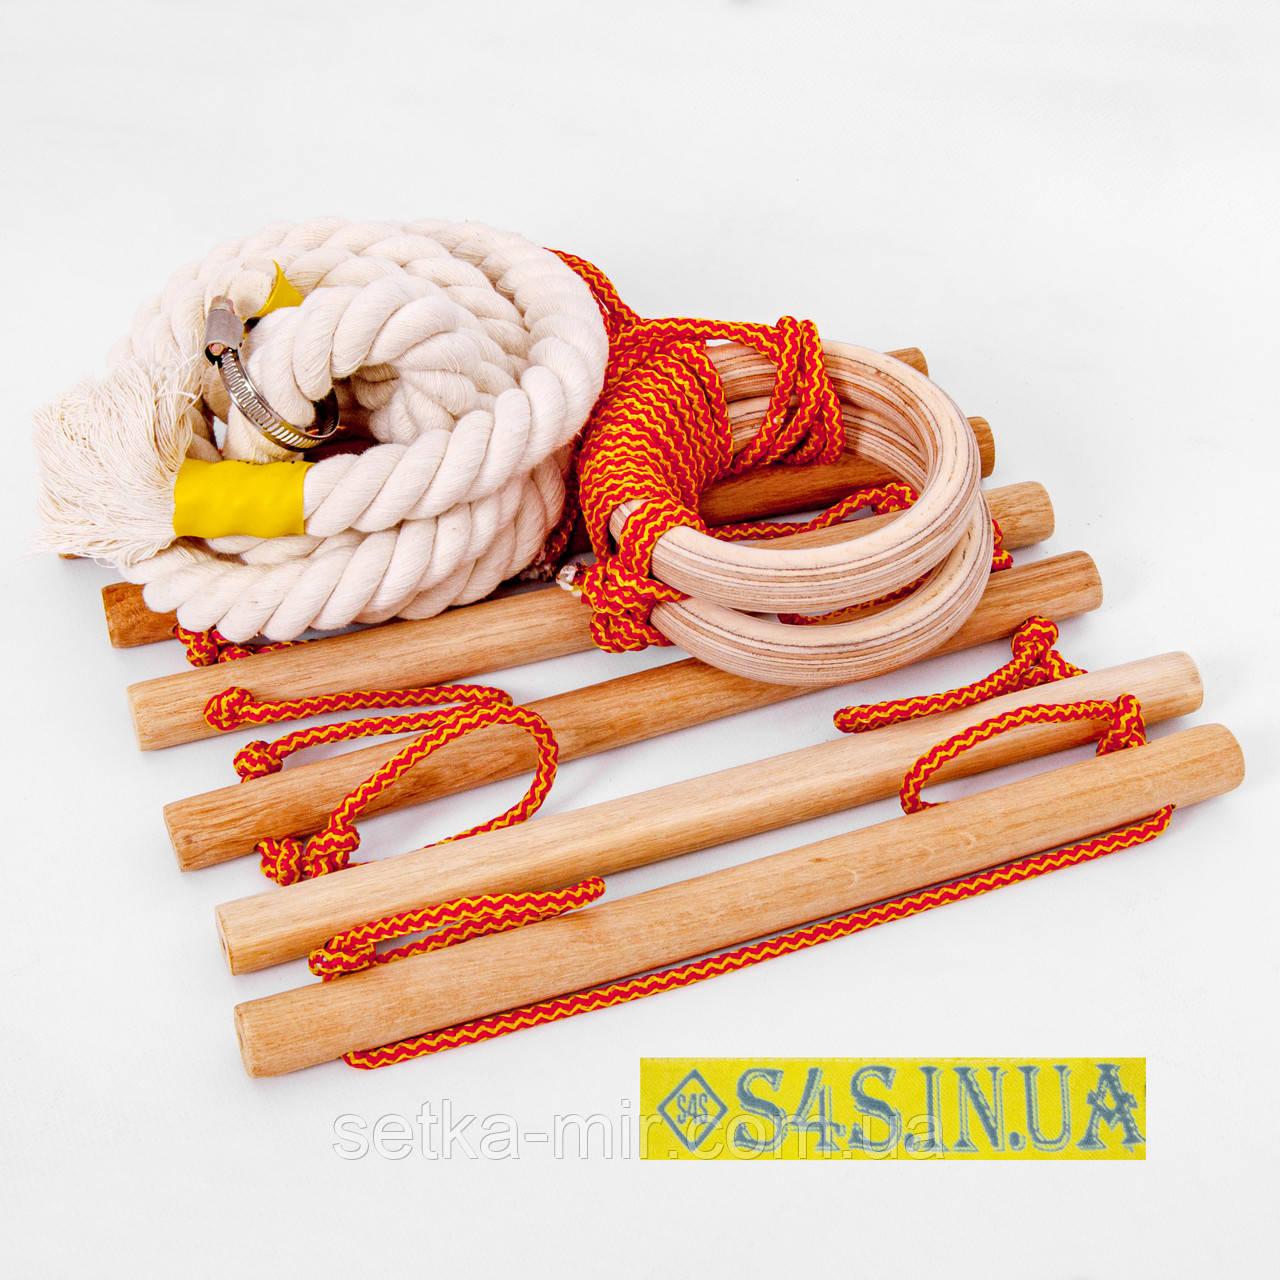 Дитячий мотузковий набір з дерева для шведської стінки набір підвісний «ЕКОНОМ. ДЕРЕВО»